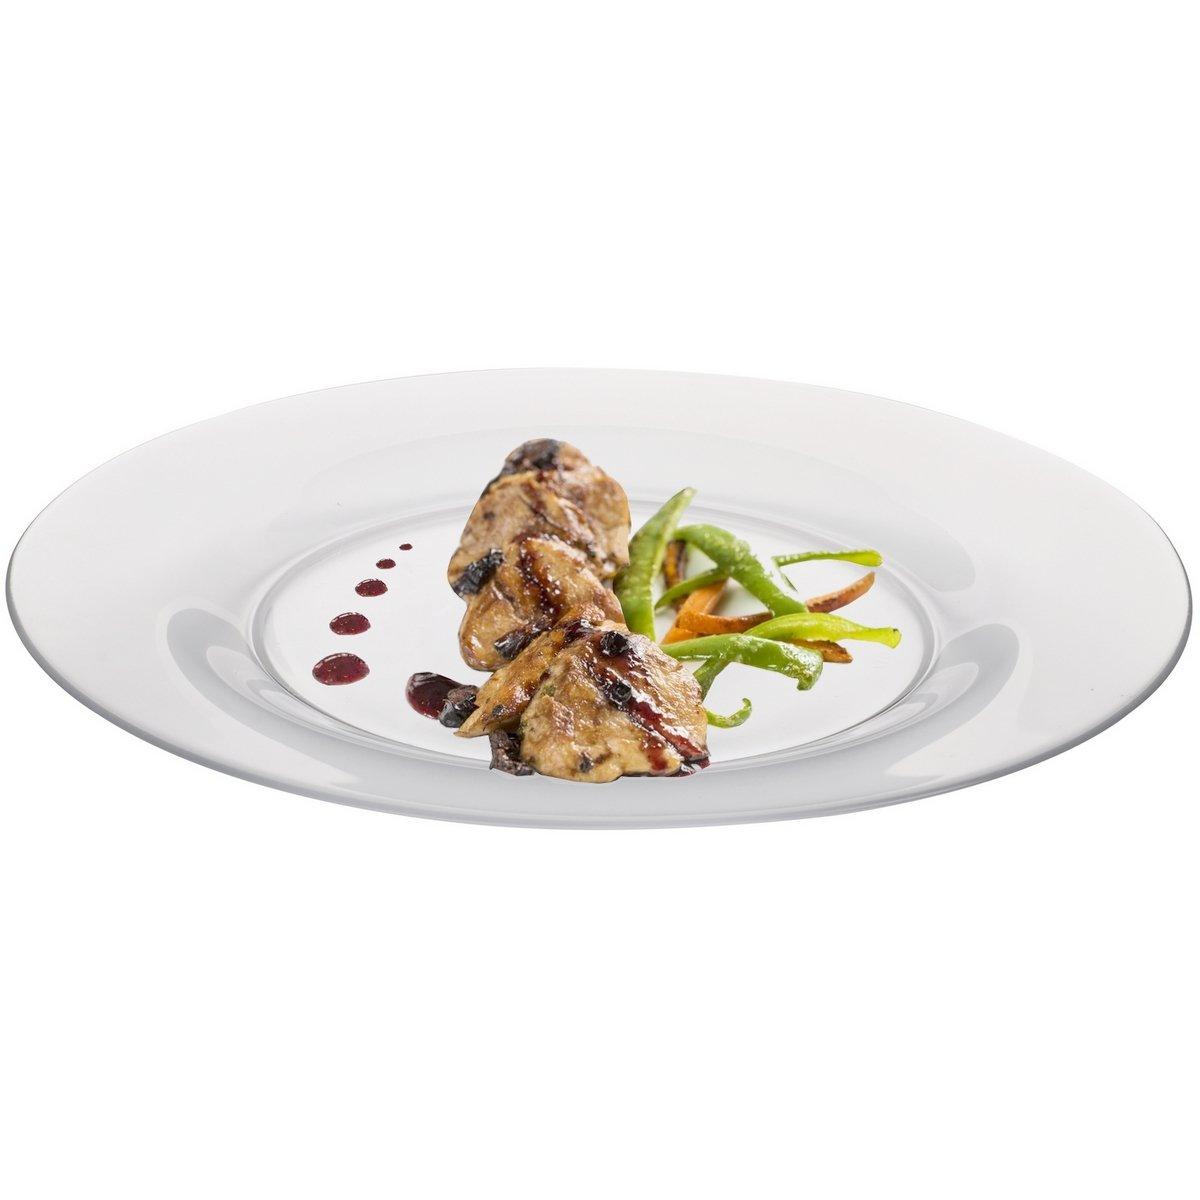 Promobo Lot Ensemble 12 Assiettes Ronde Luminarc Pr/ésentation Gastronomique Transparente 25cm